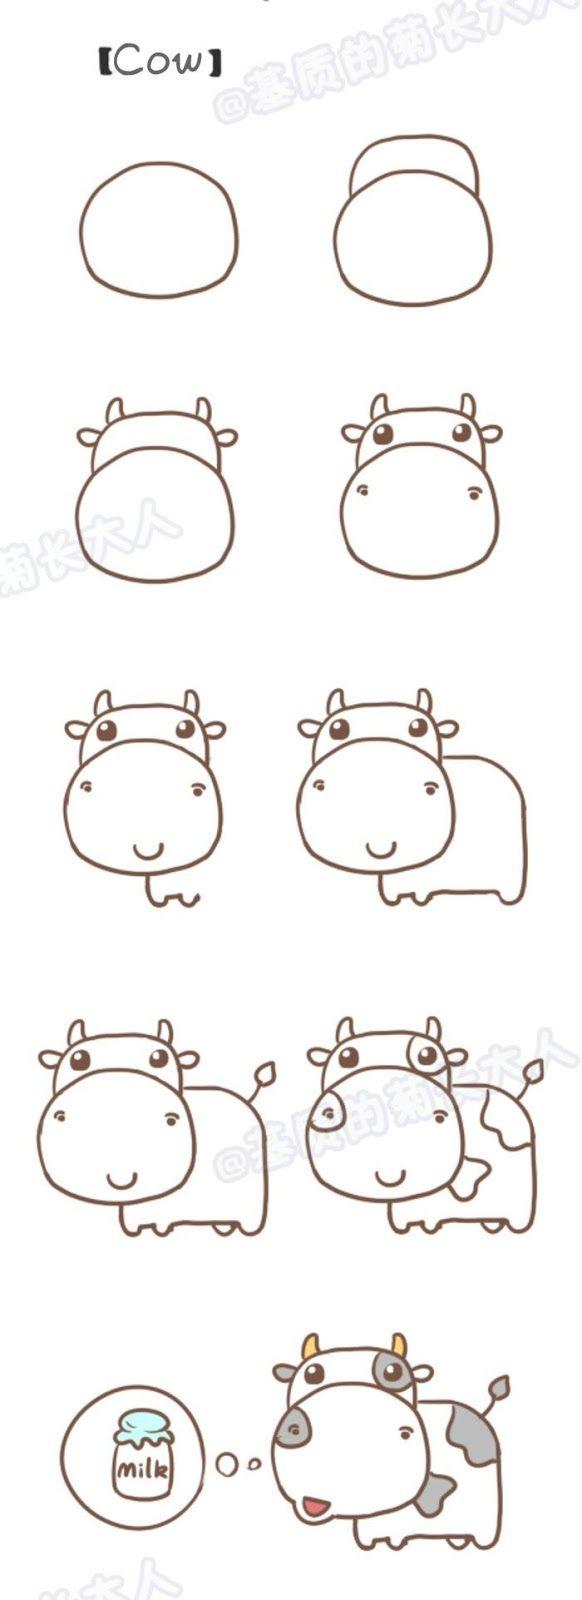 Como Dibujar Personales Kawaii Paso A Paso El Como De Las Cosas Como Dibujar Dibujos Garabateados Dibujo Paso A Paso